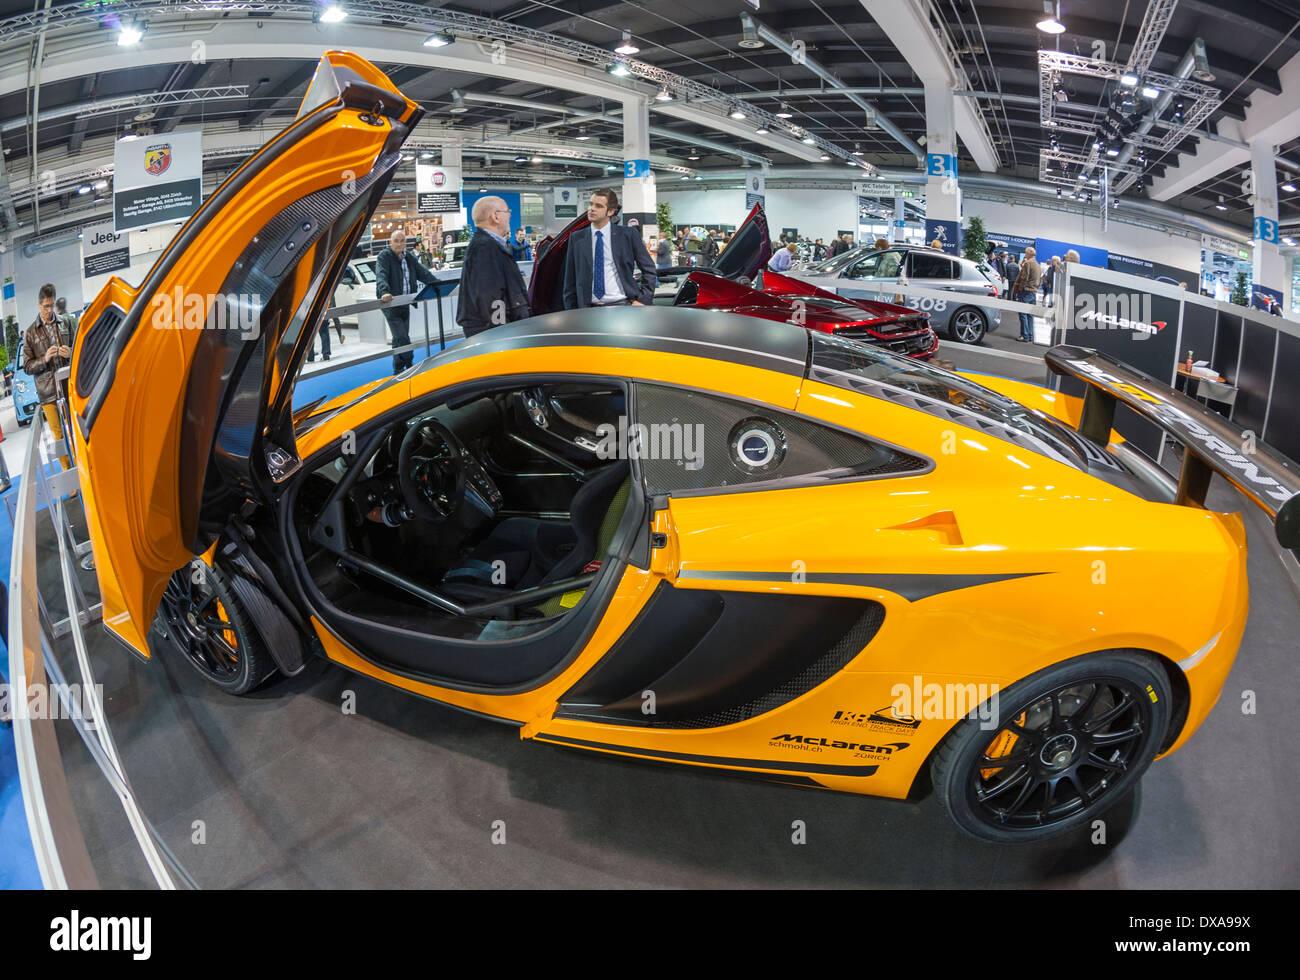 McLaren-Luxus-Sportwagen auf dem Autosalon Zürich in Zürich, Schweiz größte Auto-Ausstellung. Stockbild